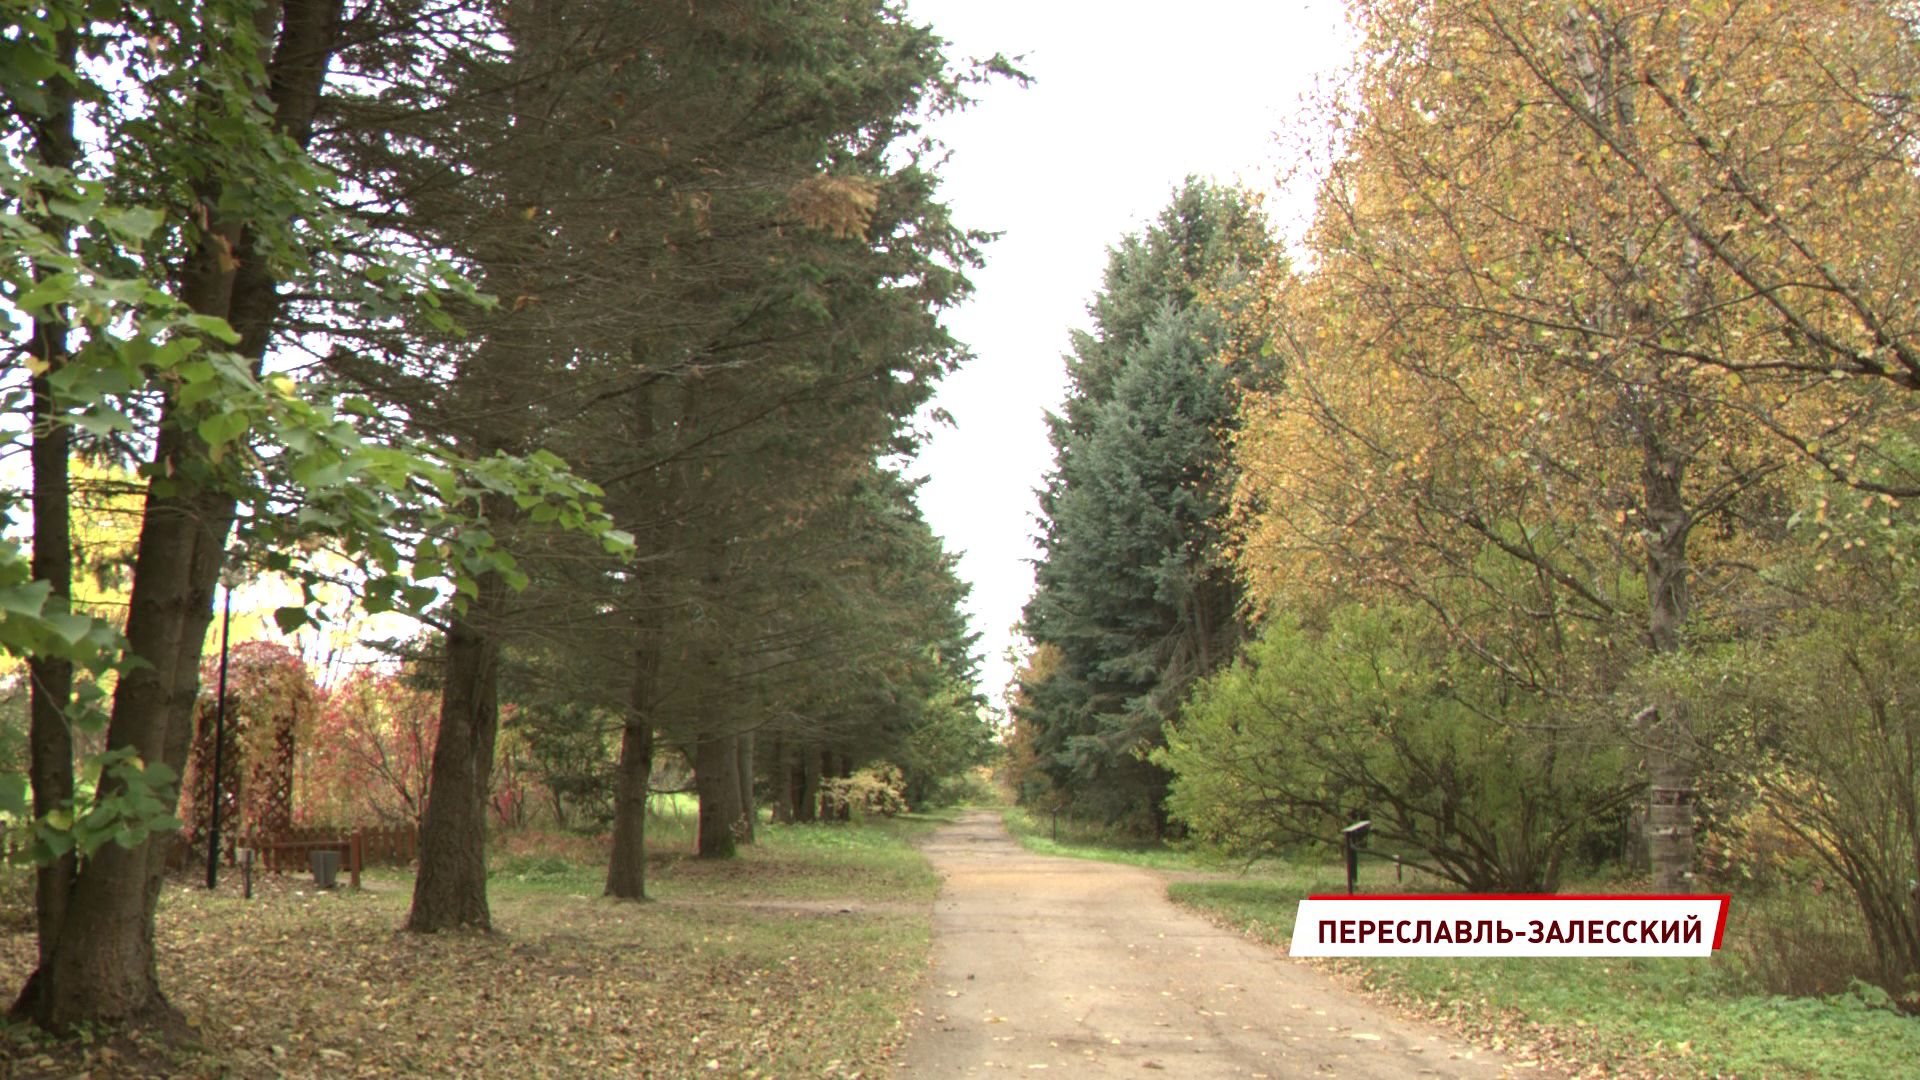 Ярославская область может получить дополнительные средства на развитие экотрузма